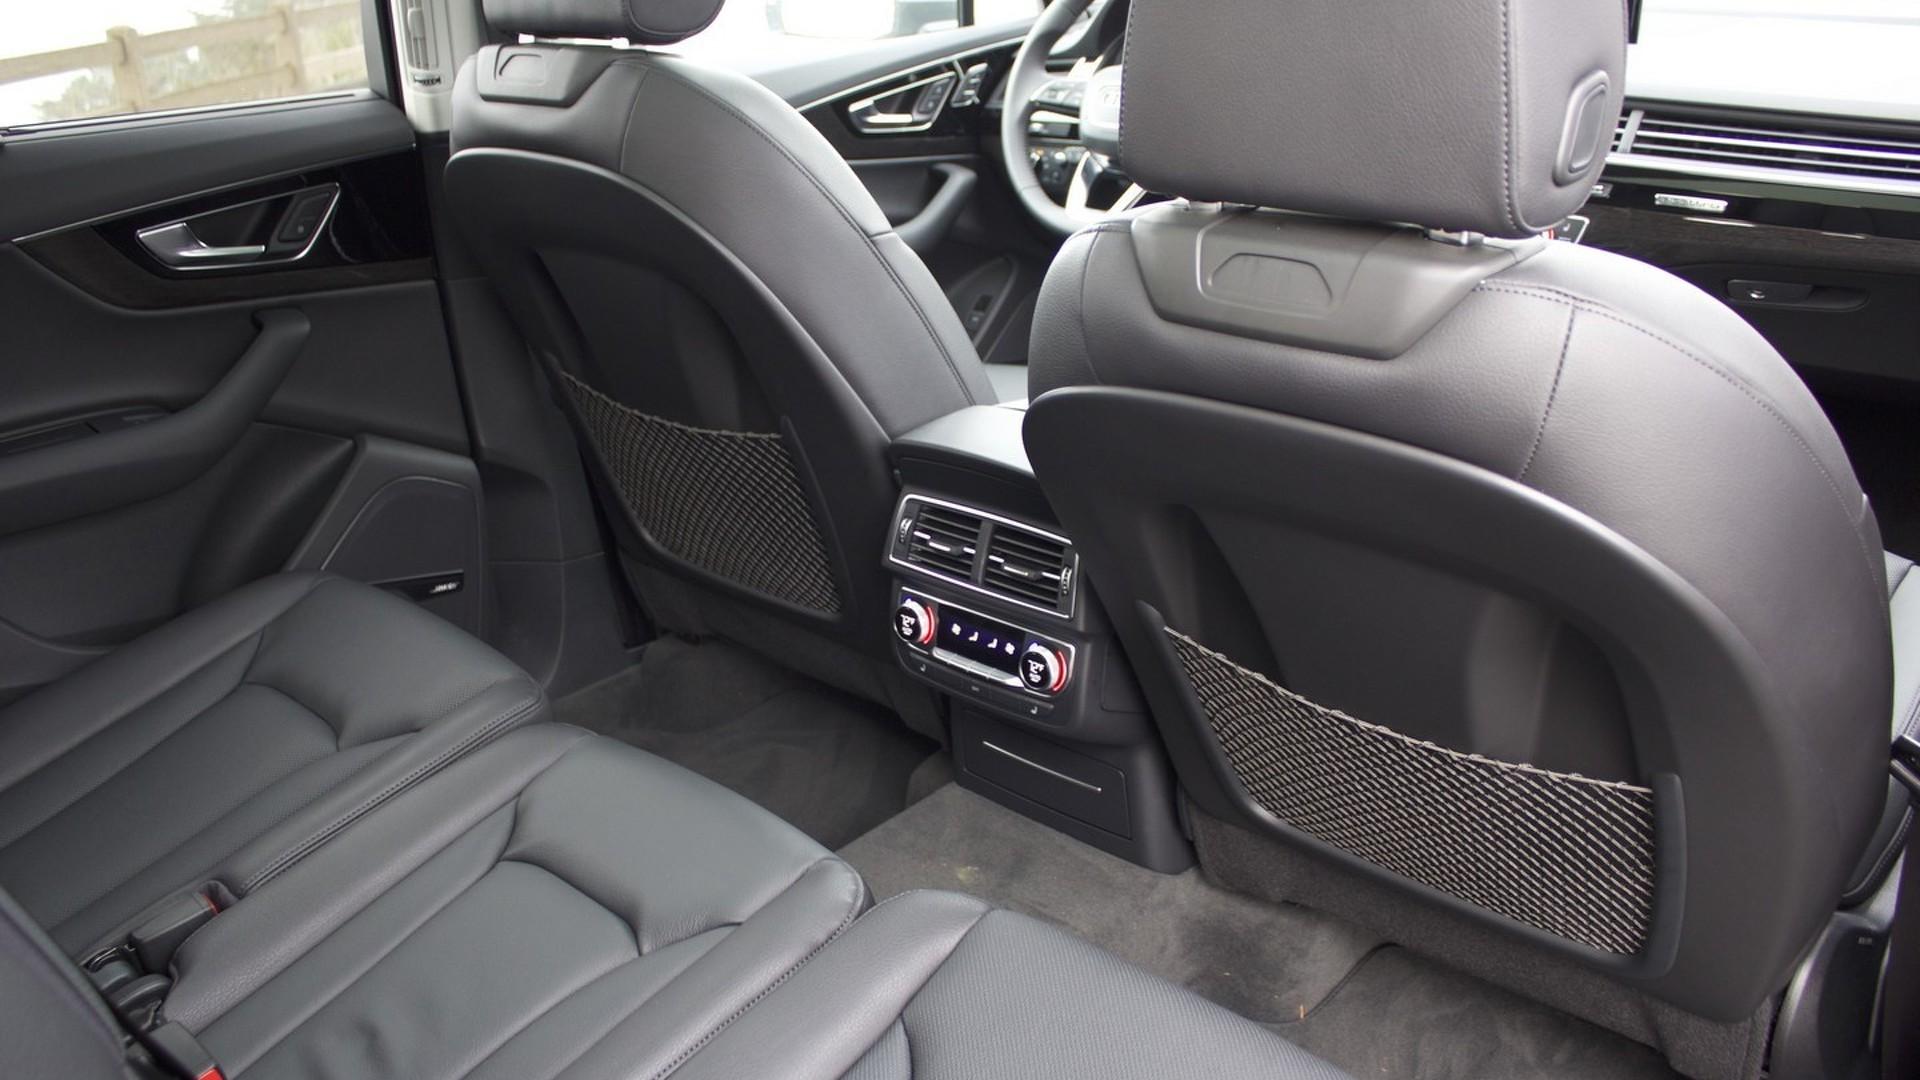 Audi q7 2016 fuel economy 13